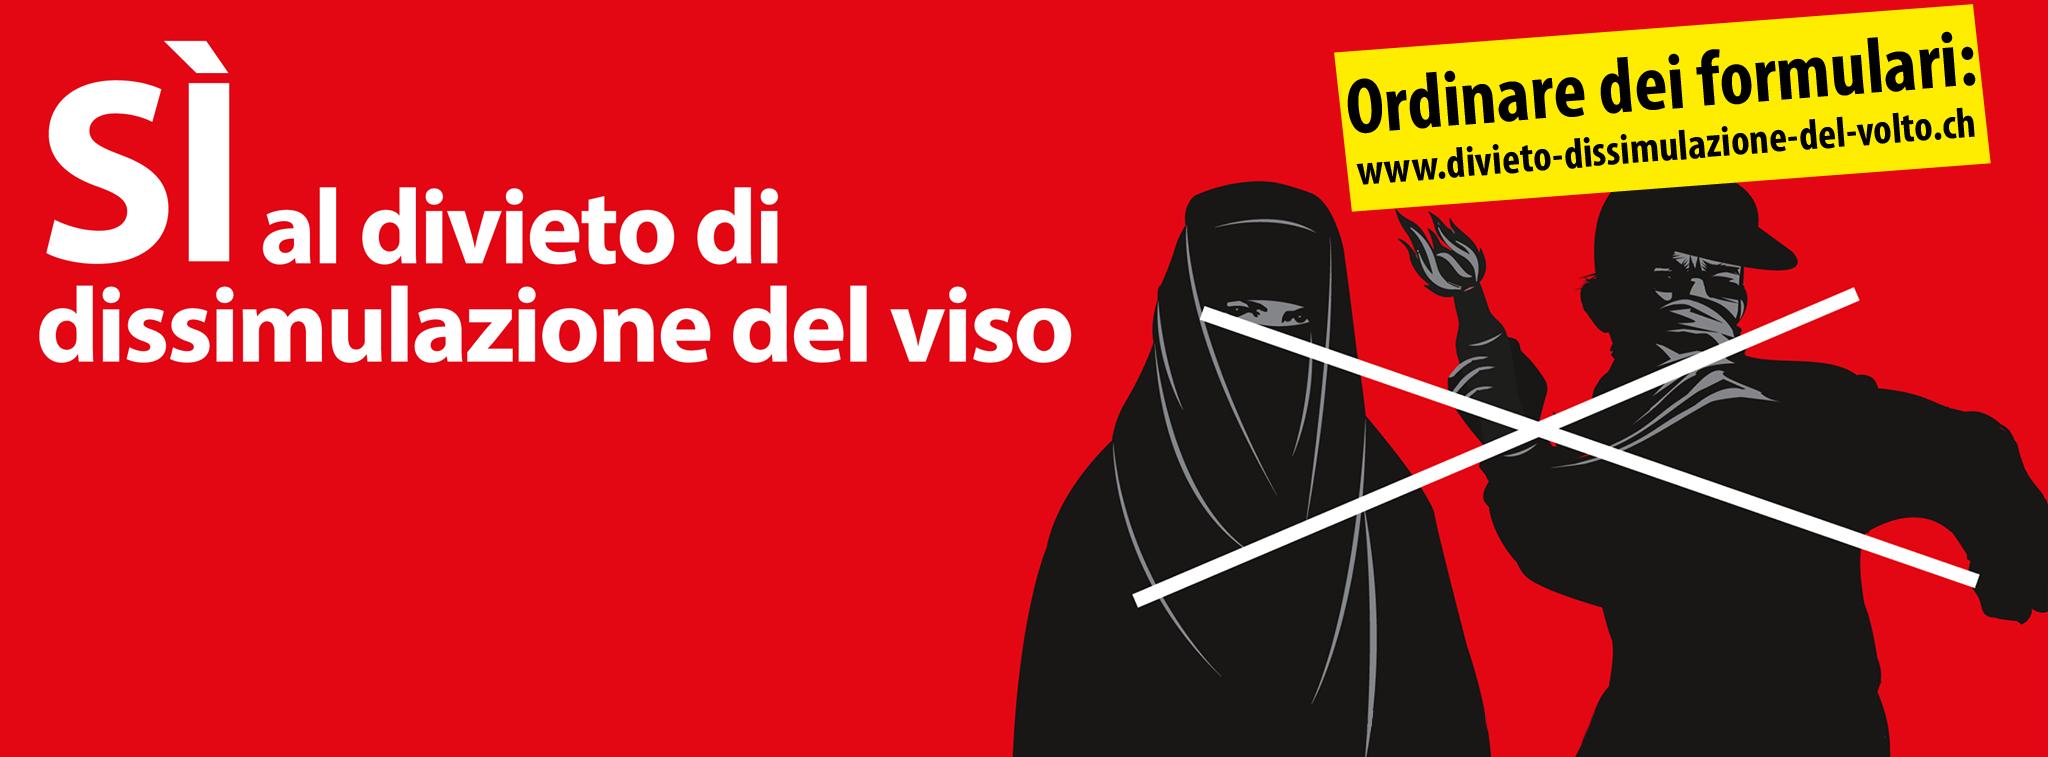 Iniziativa anti burqa